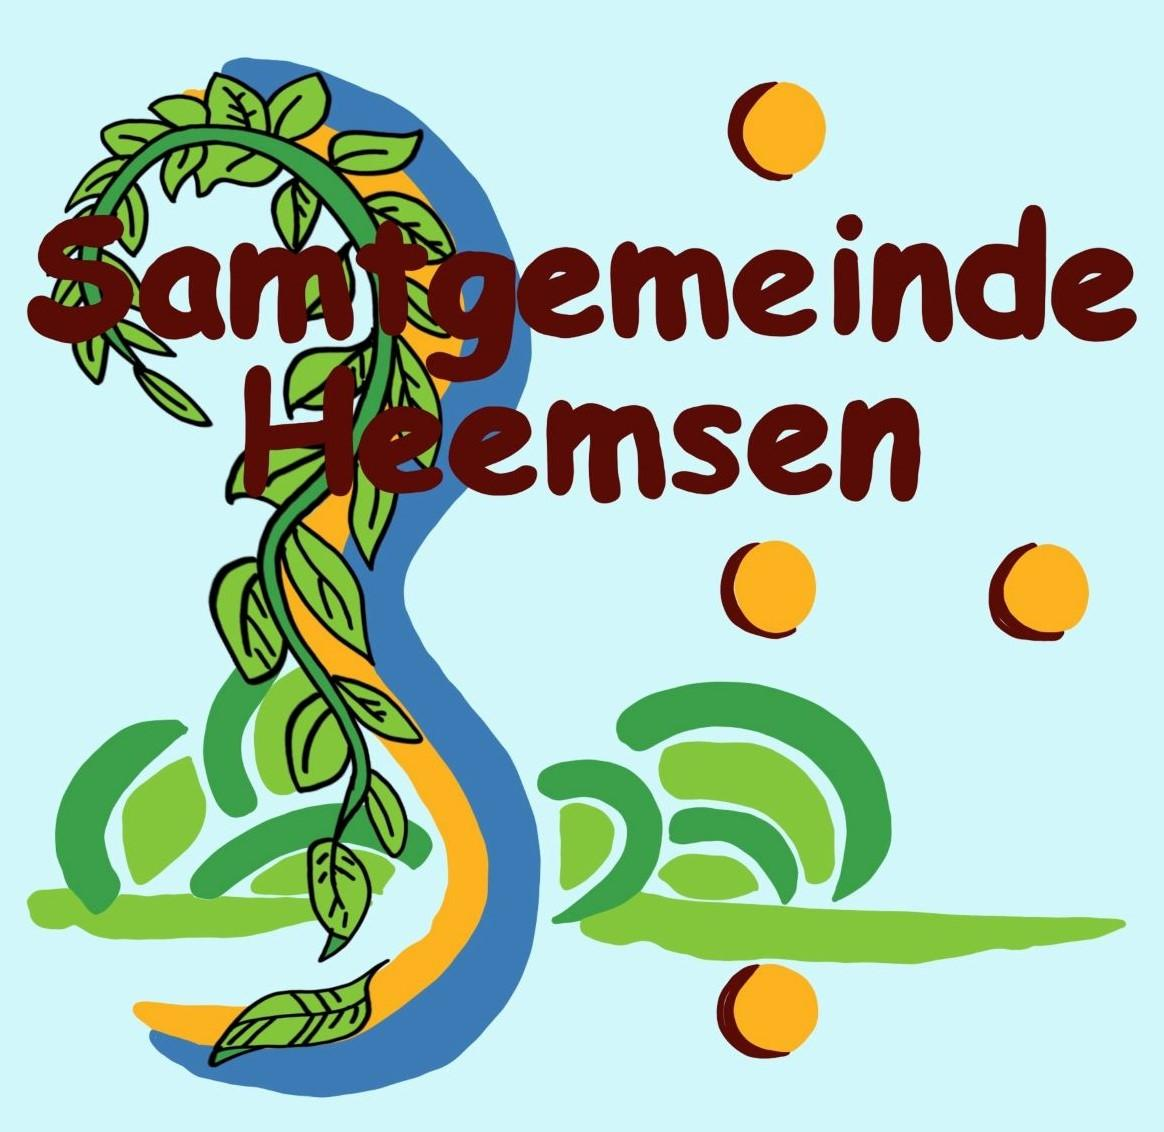 Samtgemeinde Heemsen